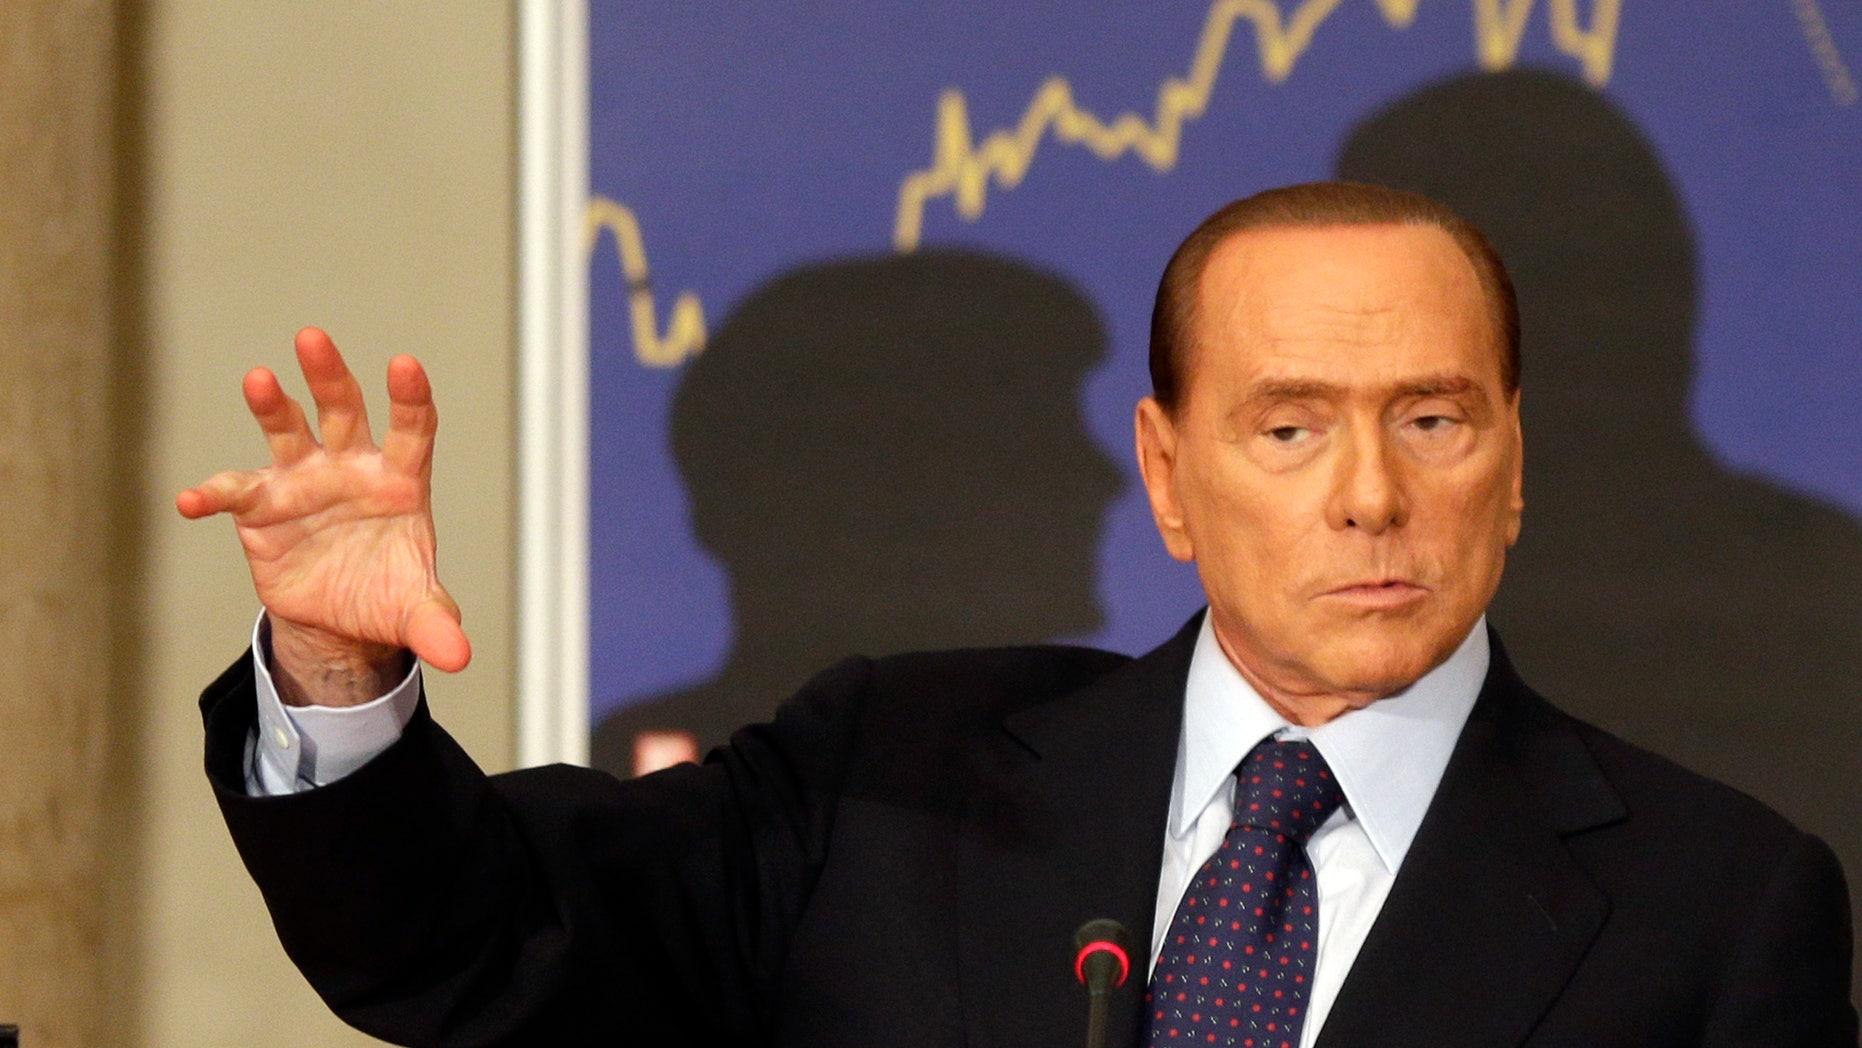 Sept. 27, 2012 - FILE photo of Former Italian premier Silvio Berlusconi.